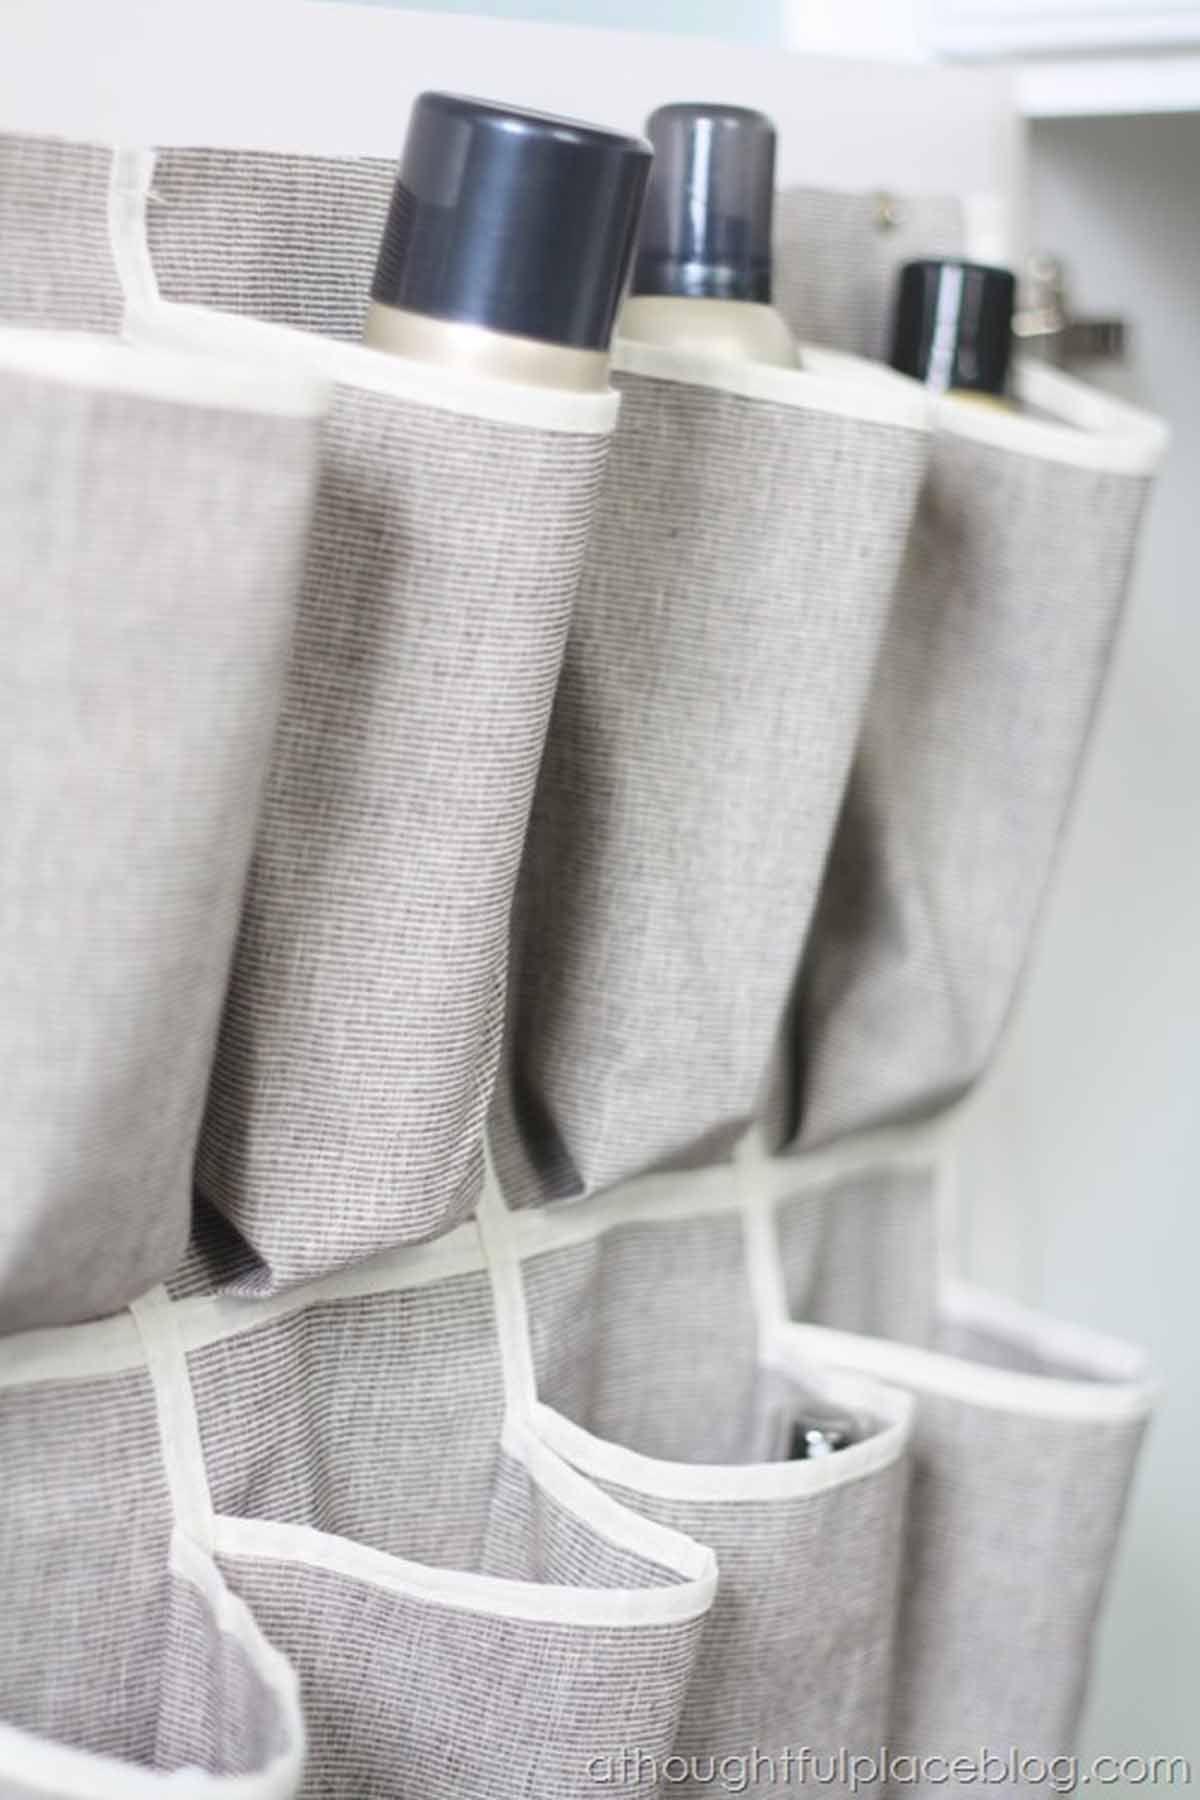 20 Best Bathroom Organization Ideas - DIY Bathroom Storage Organizers